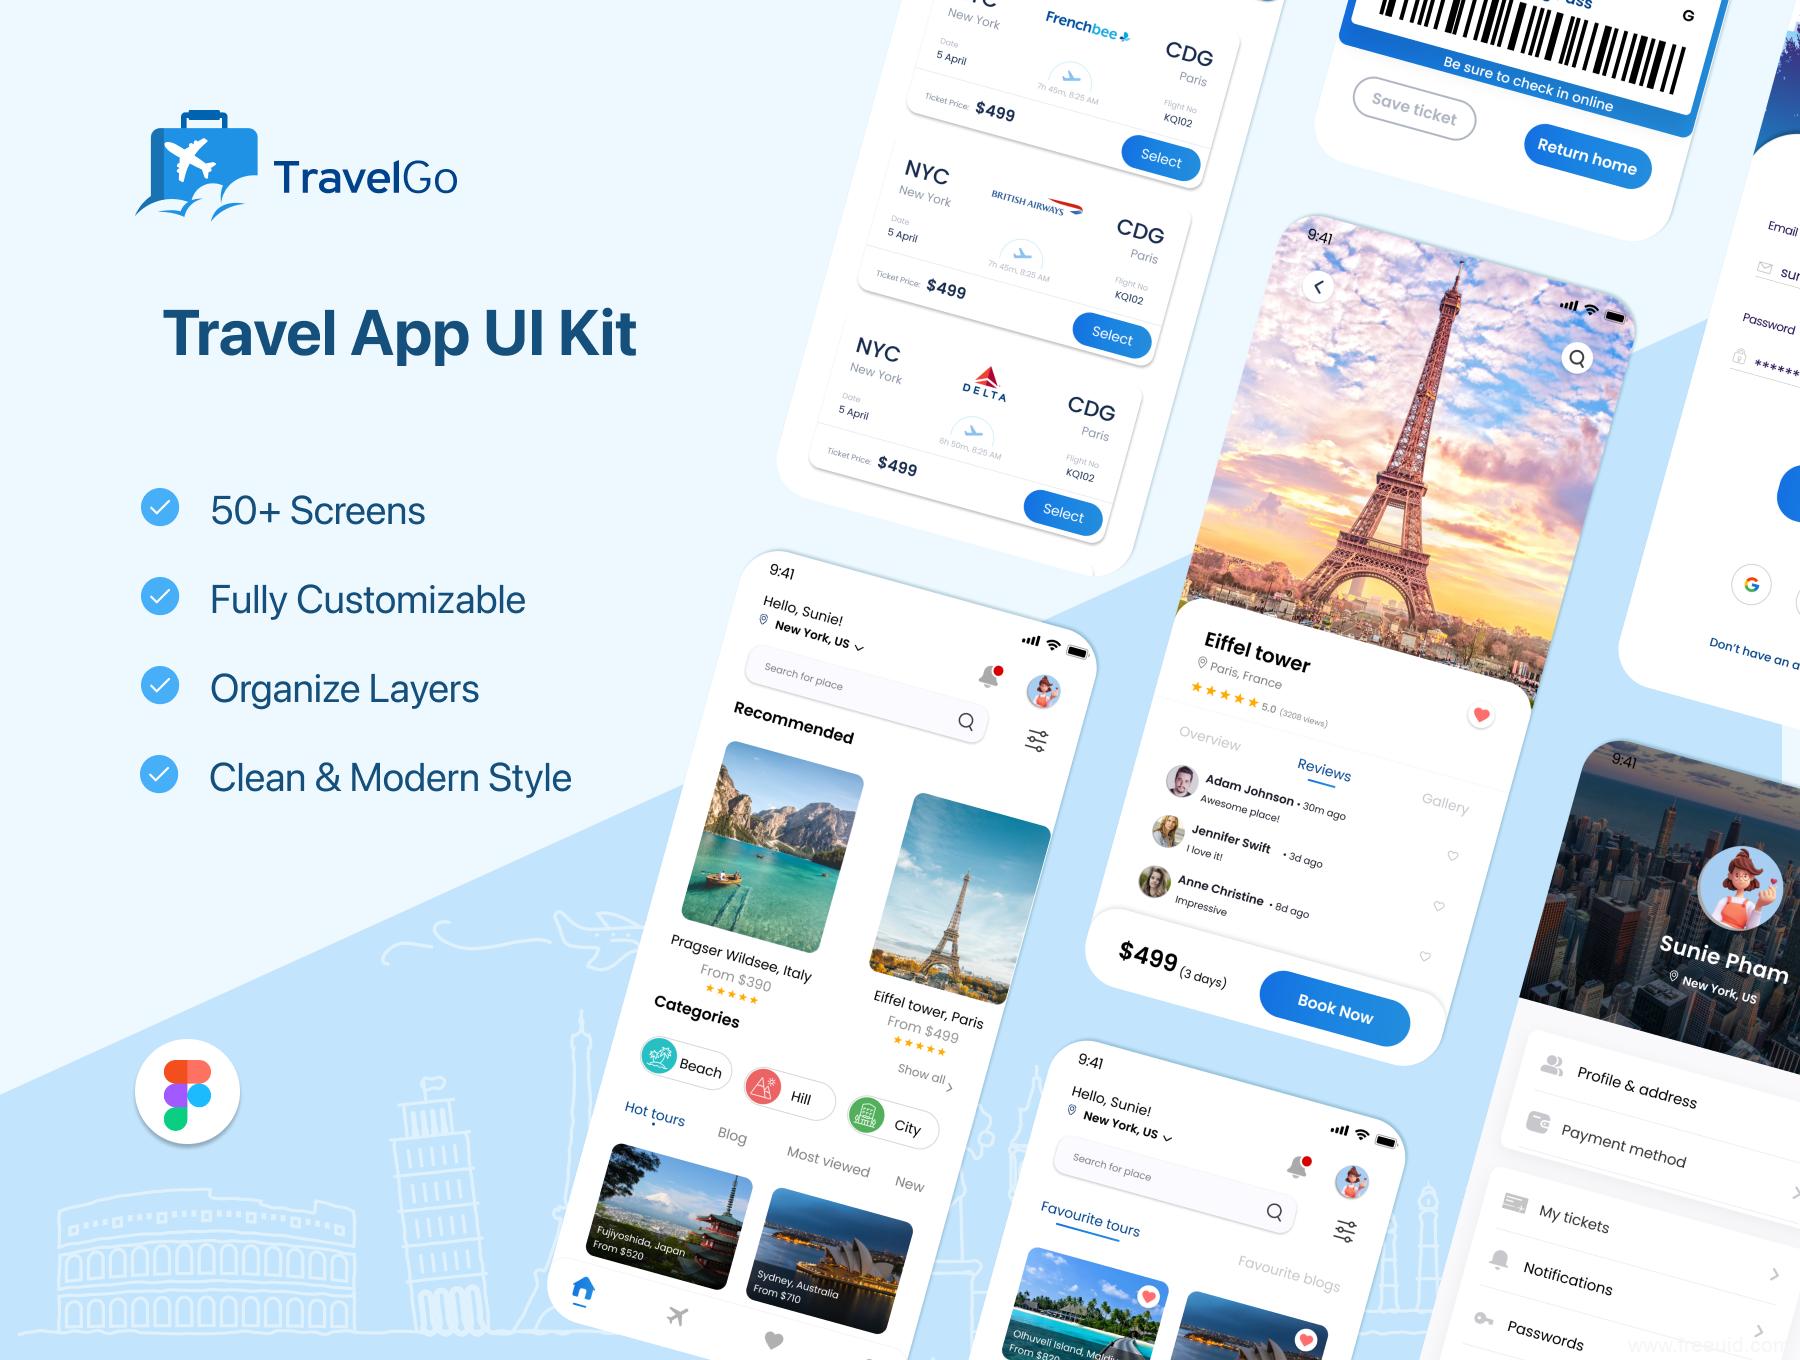 精品旅行/旅游主题app UI界面设计套件figma源文件下载